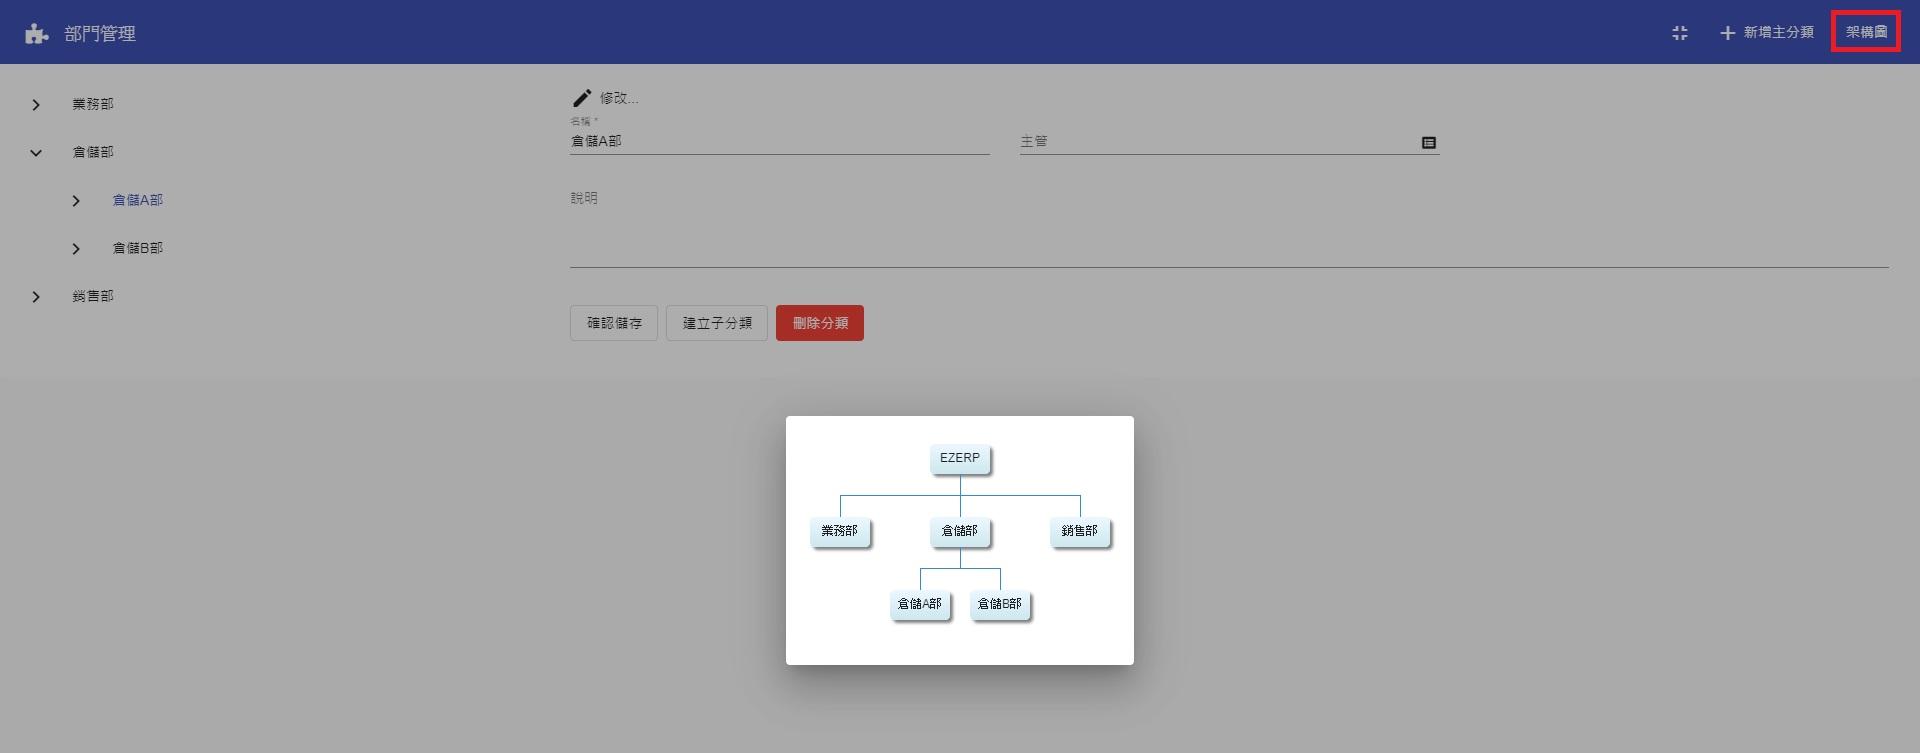 人事考勤管理系統 | 公司架構圖